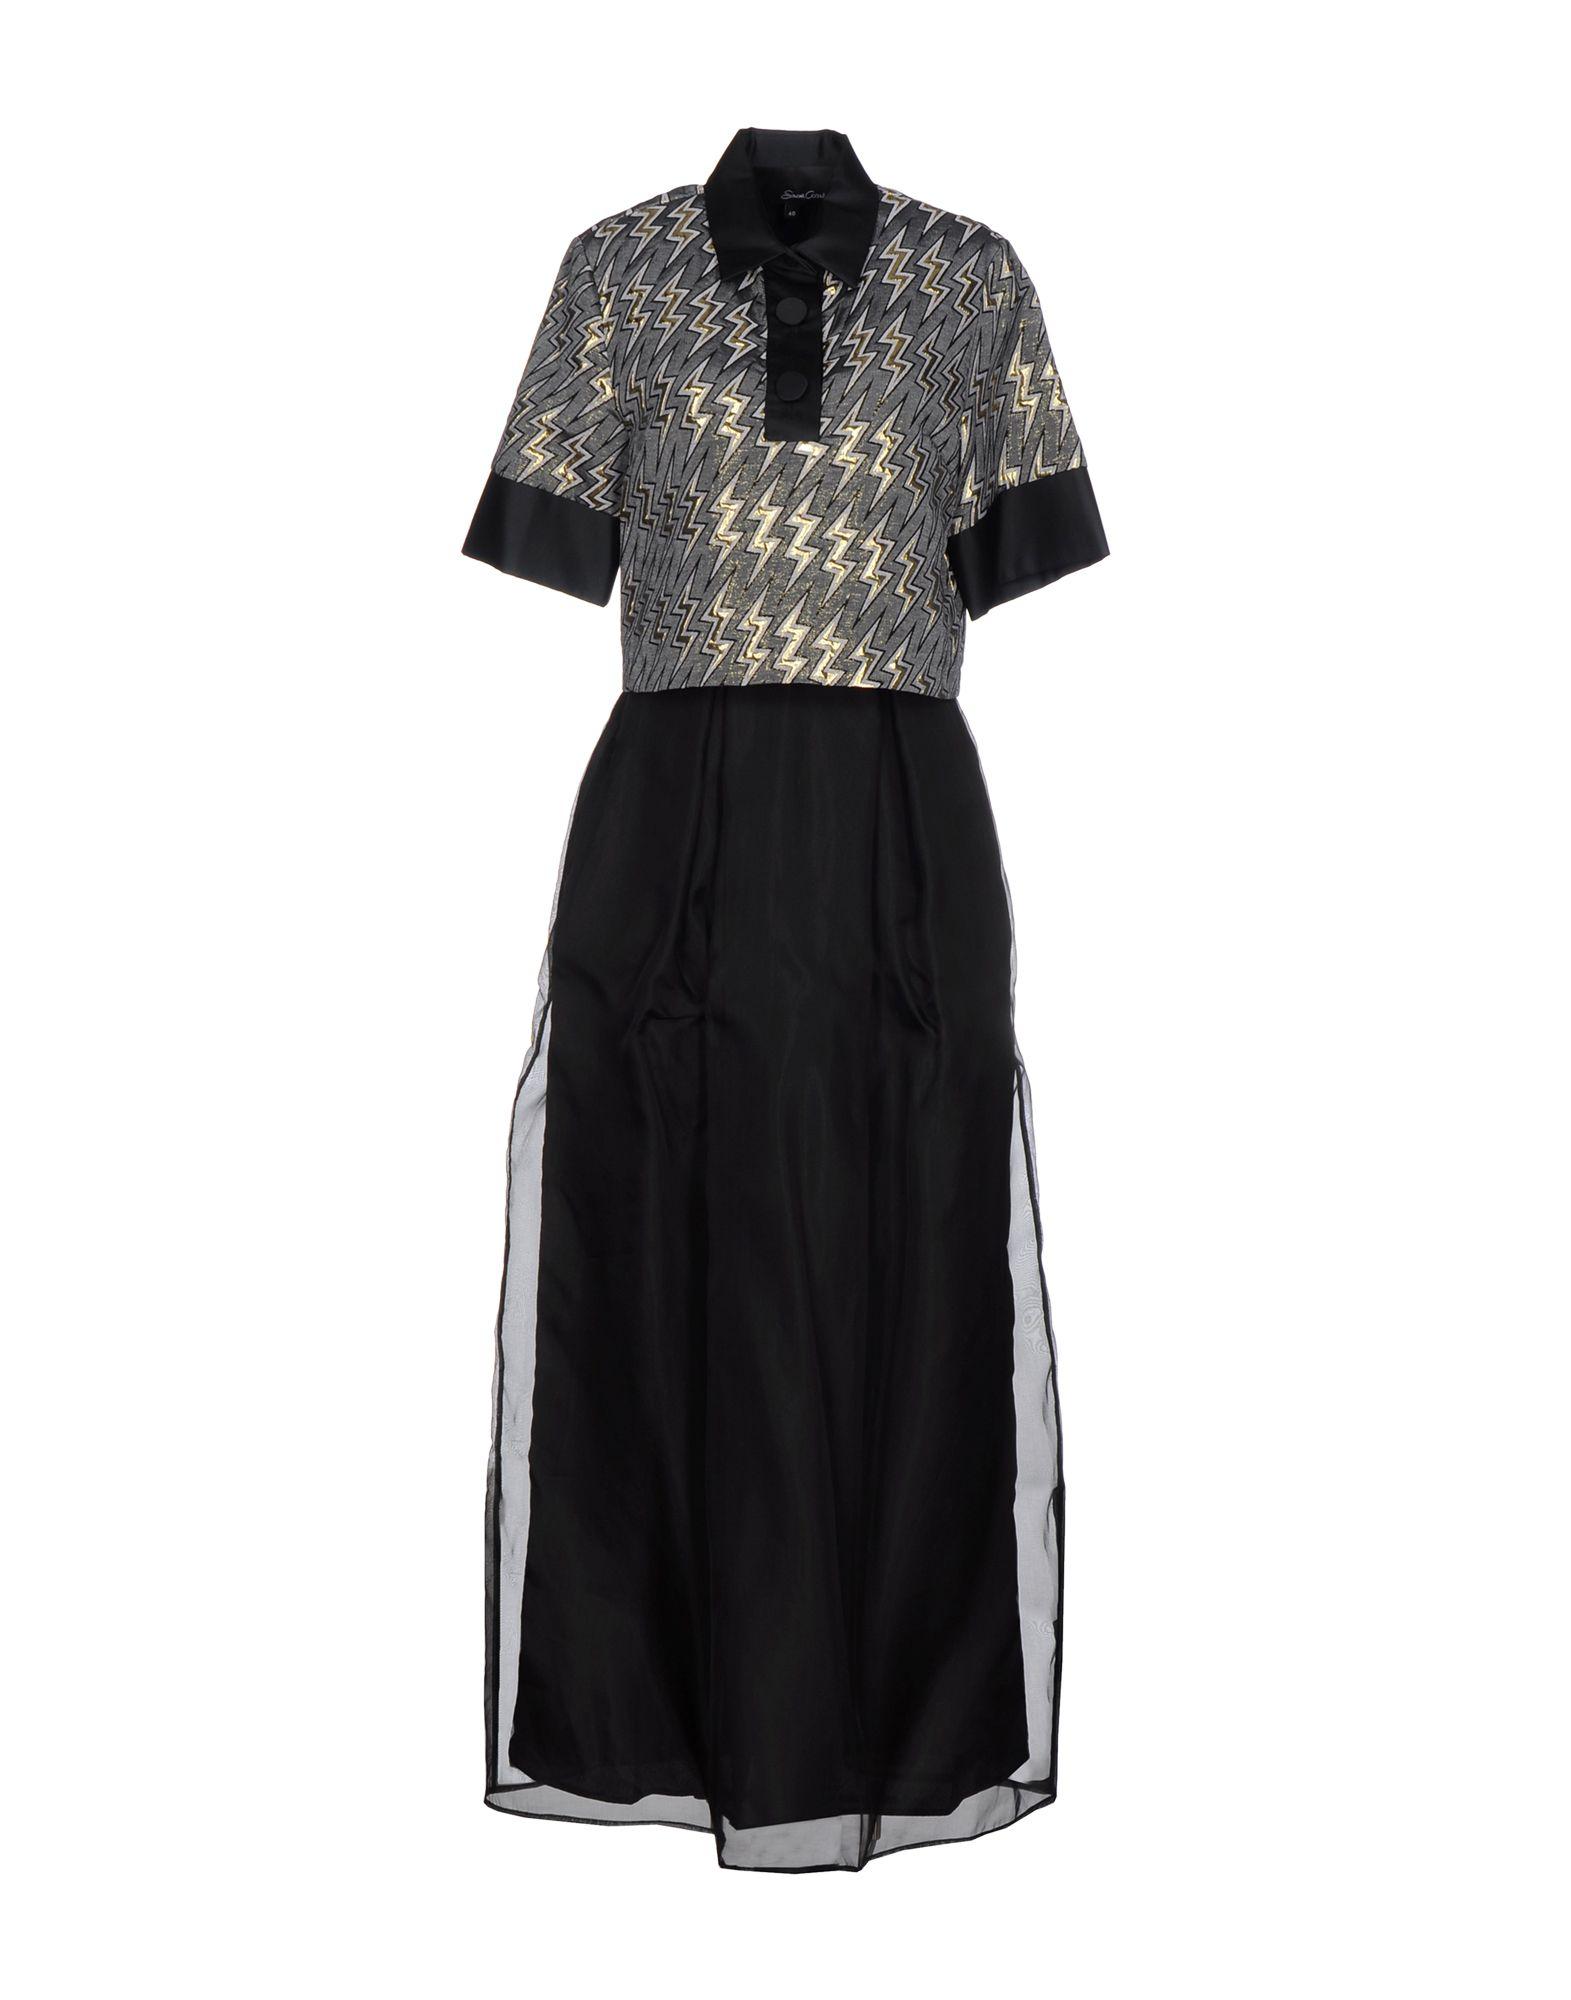 цены на SIMONA CORSELLINI Длинное платье в интернет-магазинах